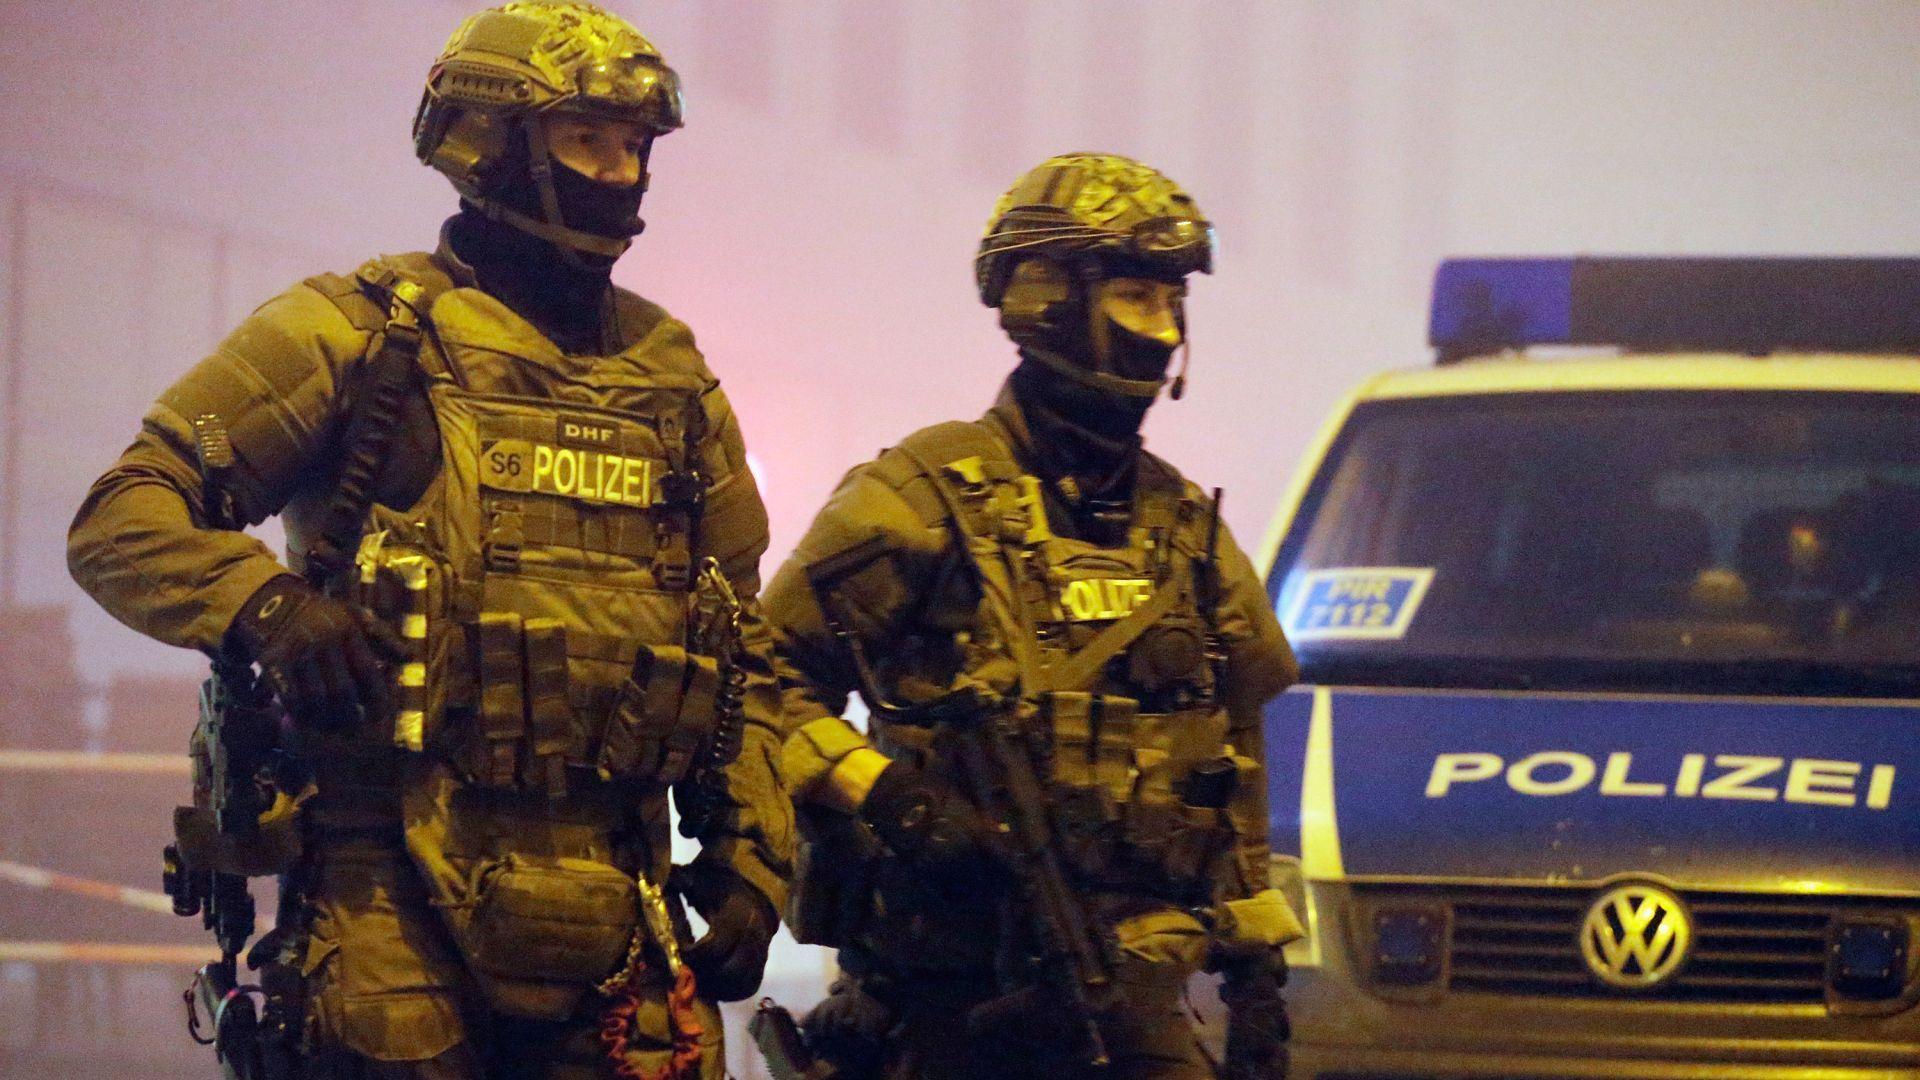 Германската полиция предприе мащабни претърсвания заради заподозрени екстремисти